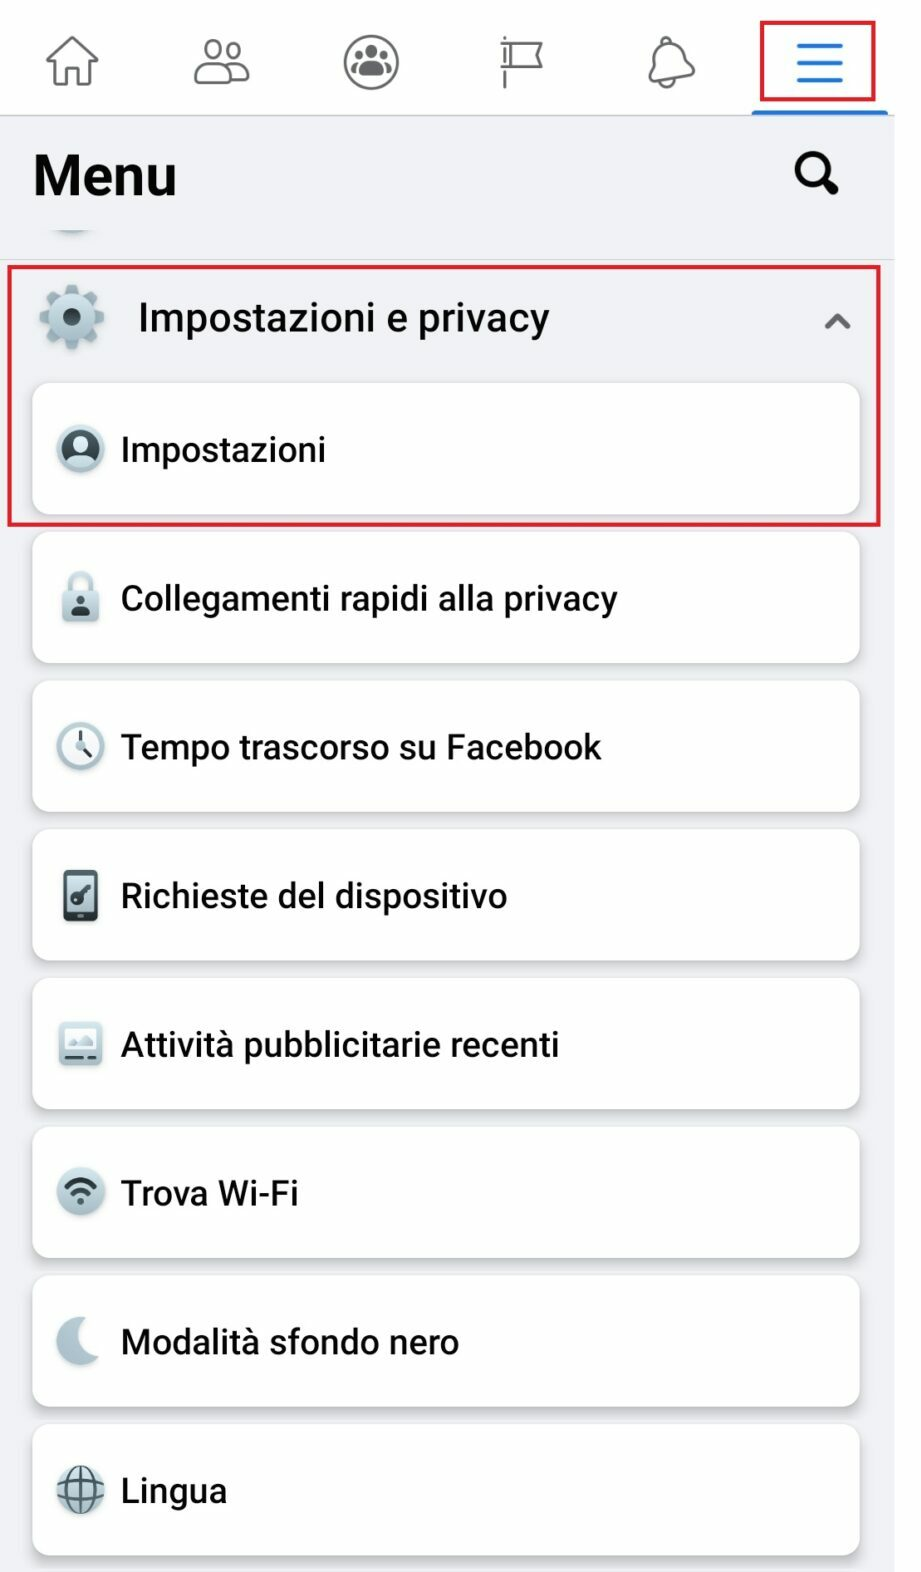 Menù impostazioni e privacy account Facebook su Android